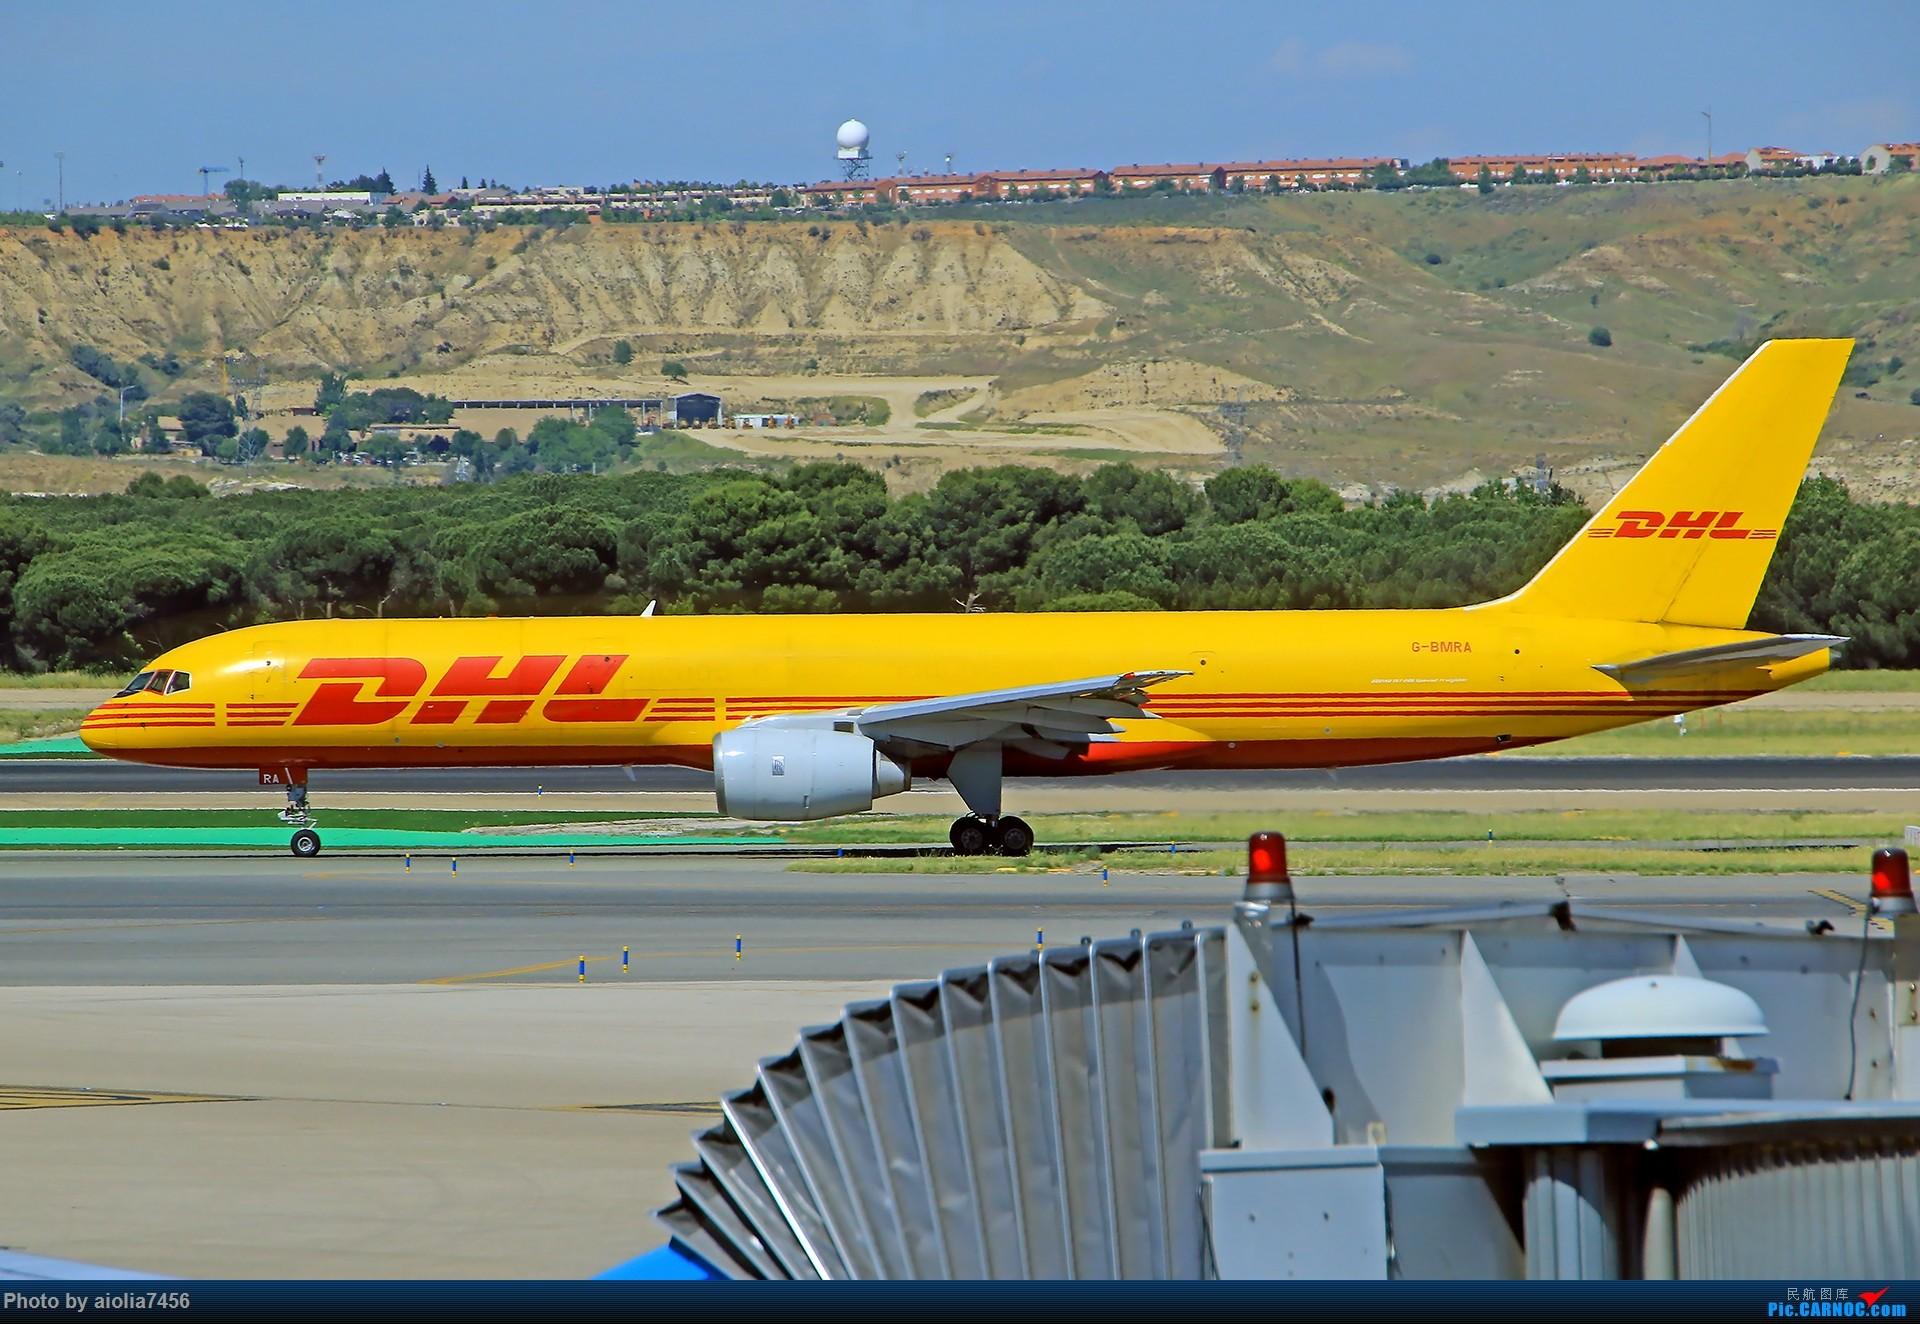 Re:[原创]【合肥飞友会】西行归来第二弹--西行拍机 BOEING 757-200 G-BMRA 西班牙马德里机场